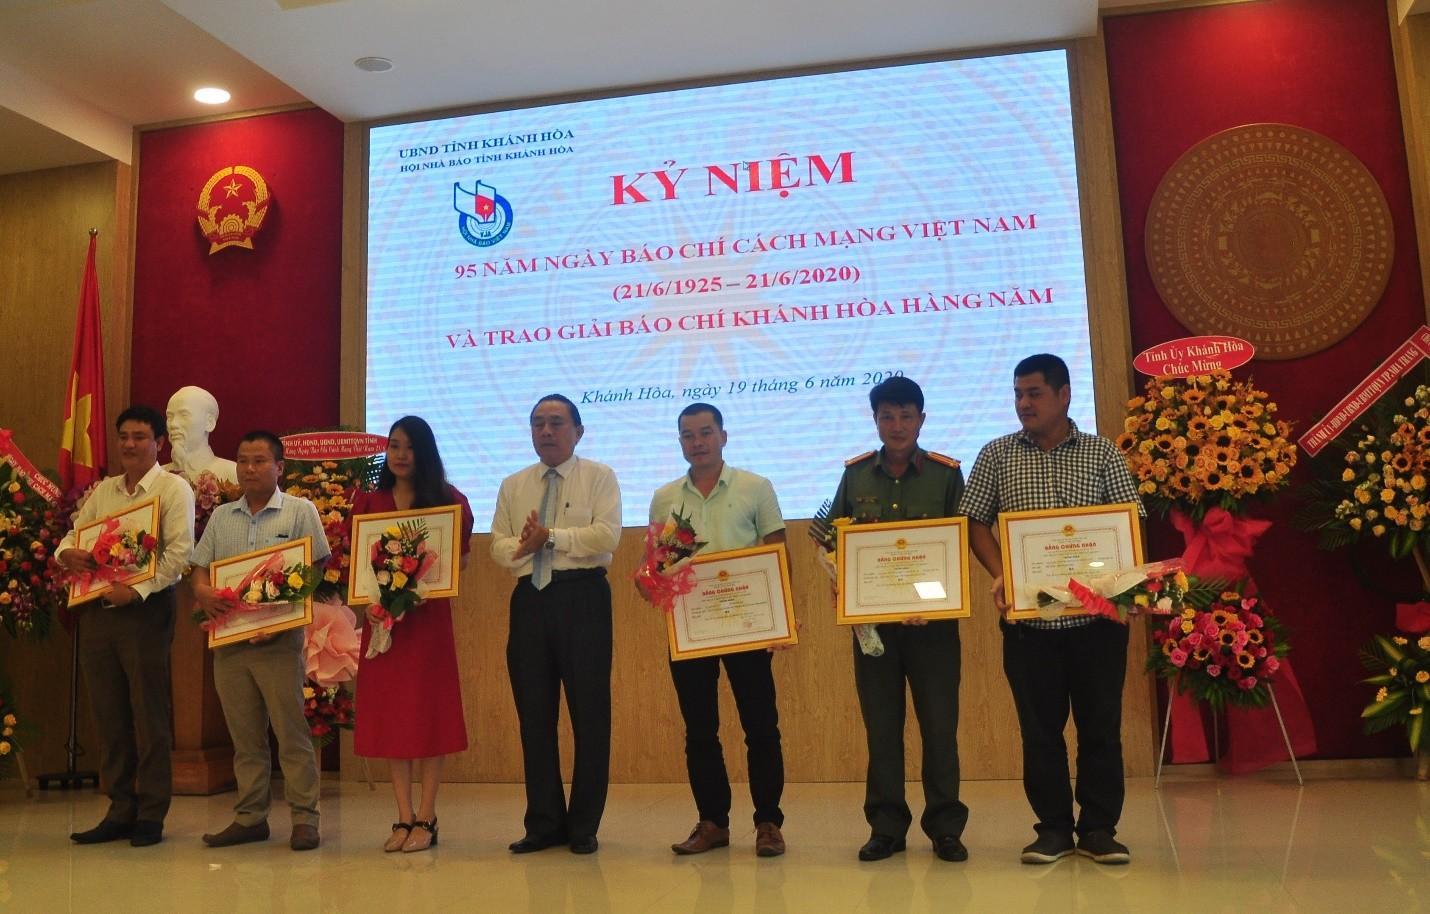 Ông Phạm Duy Lộc, Giám đốc Sở Thông tin và Truyền Thông trao giải các nhà báo đạt Giải Ba